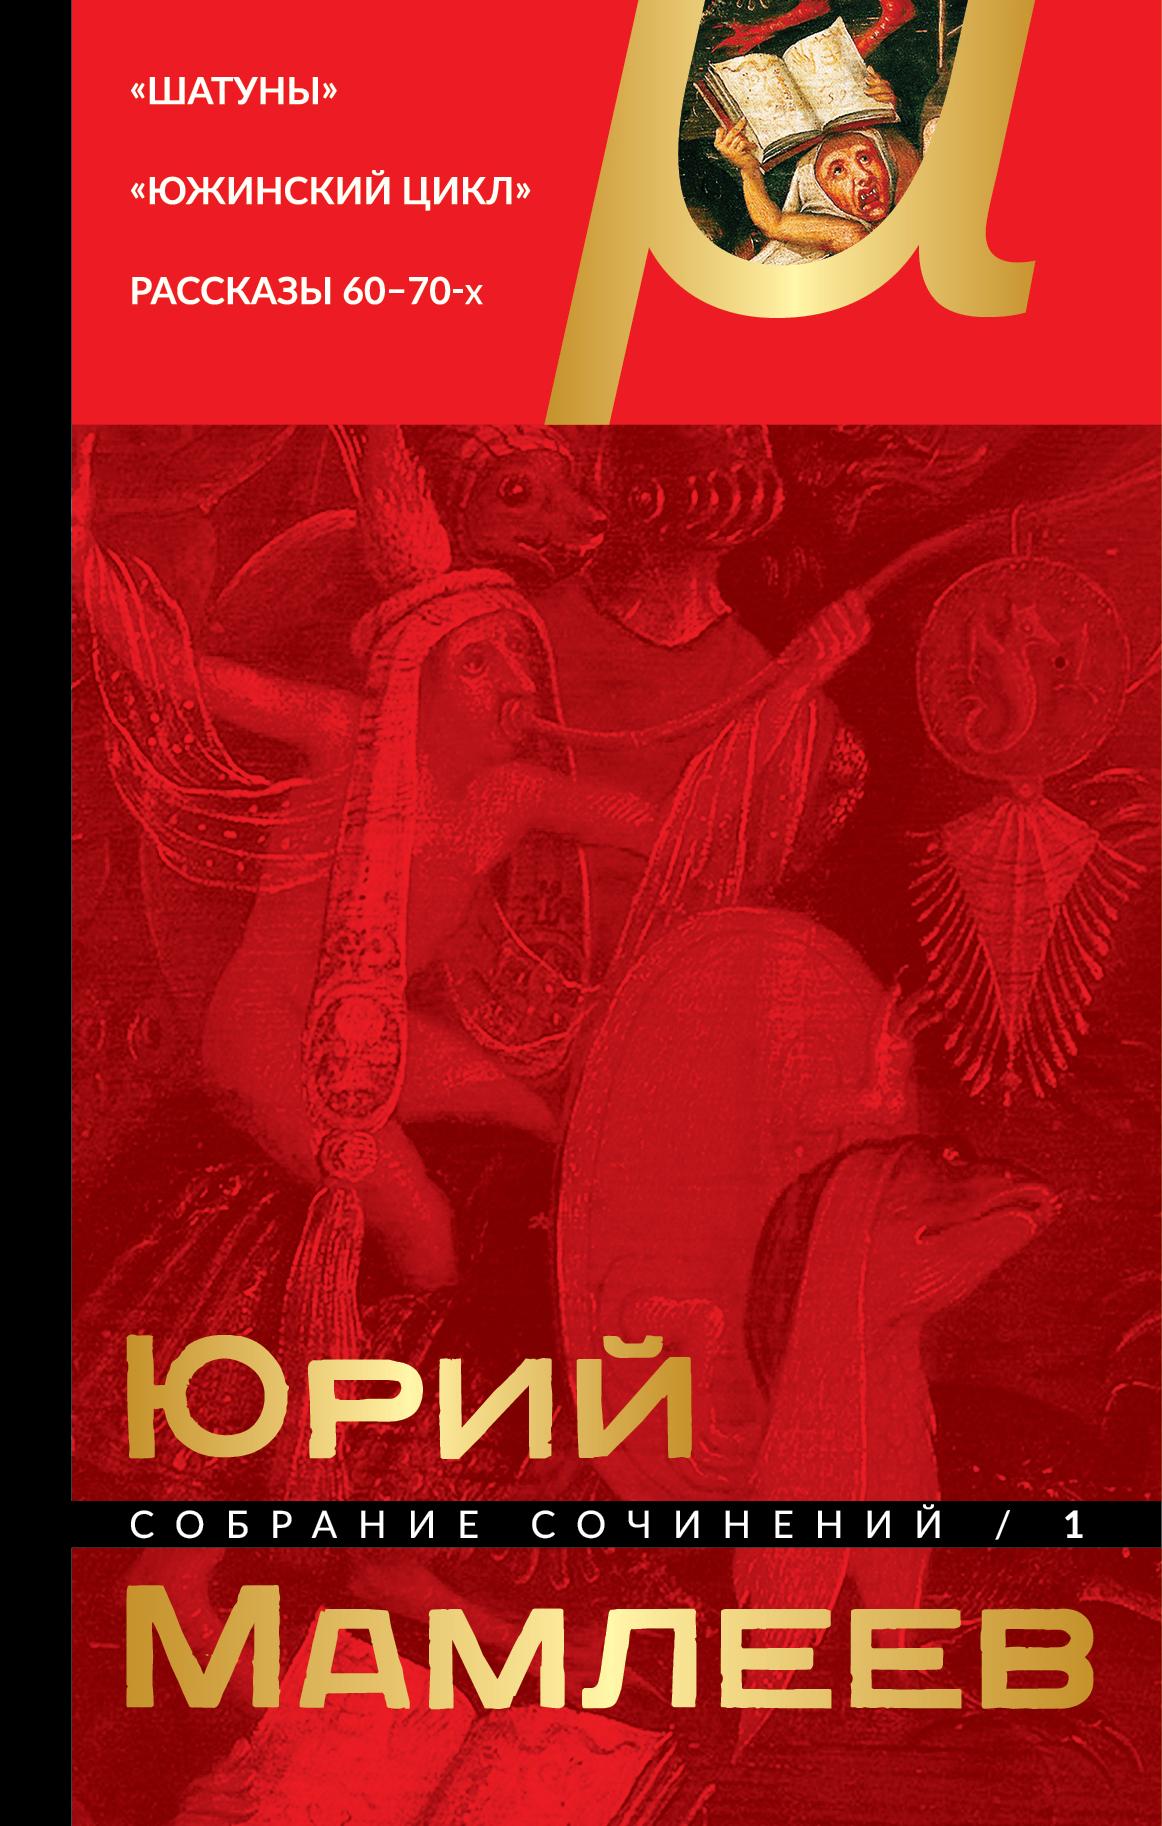 Ю. В. Мамлеев Юрий Мамлеев. Собрание сочинений. Том 1 герман юрий собраний сочинений